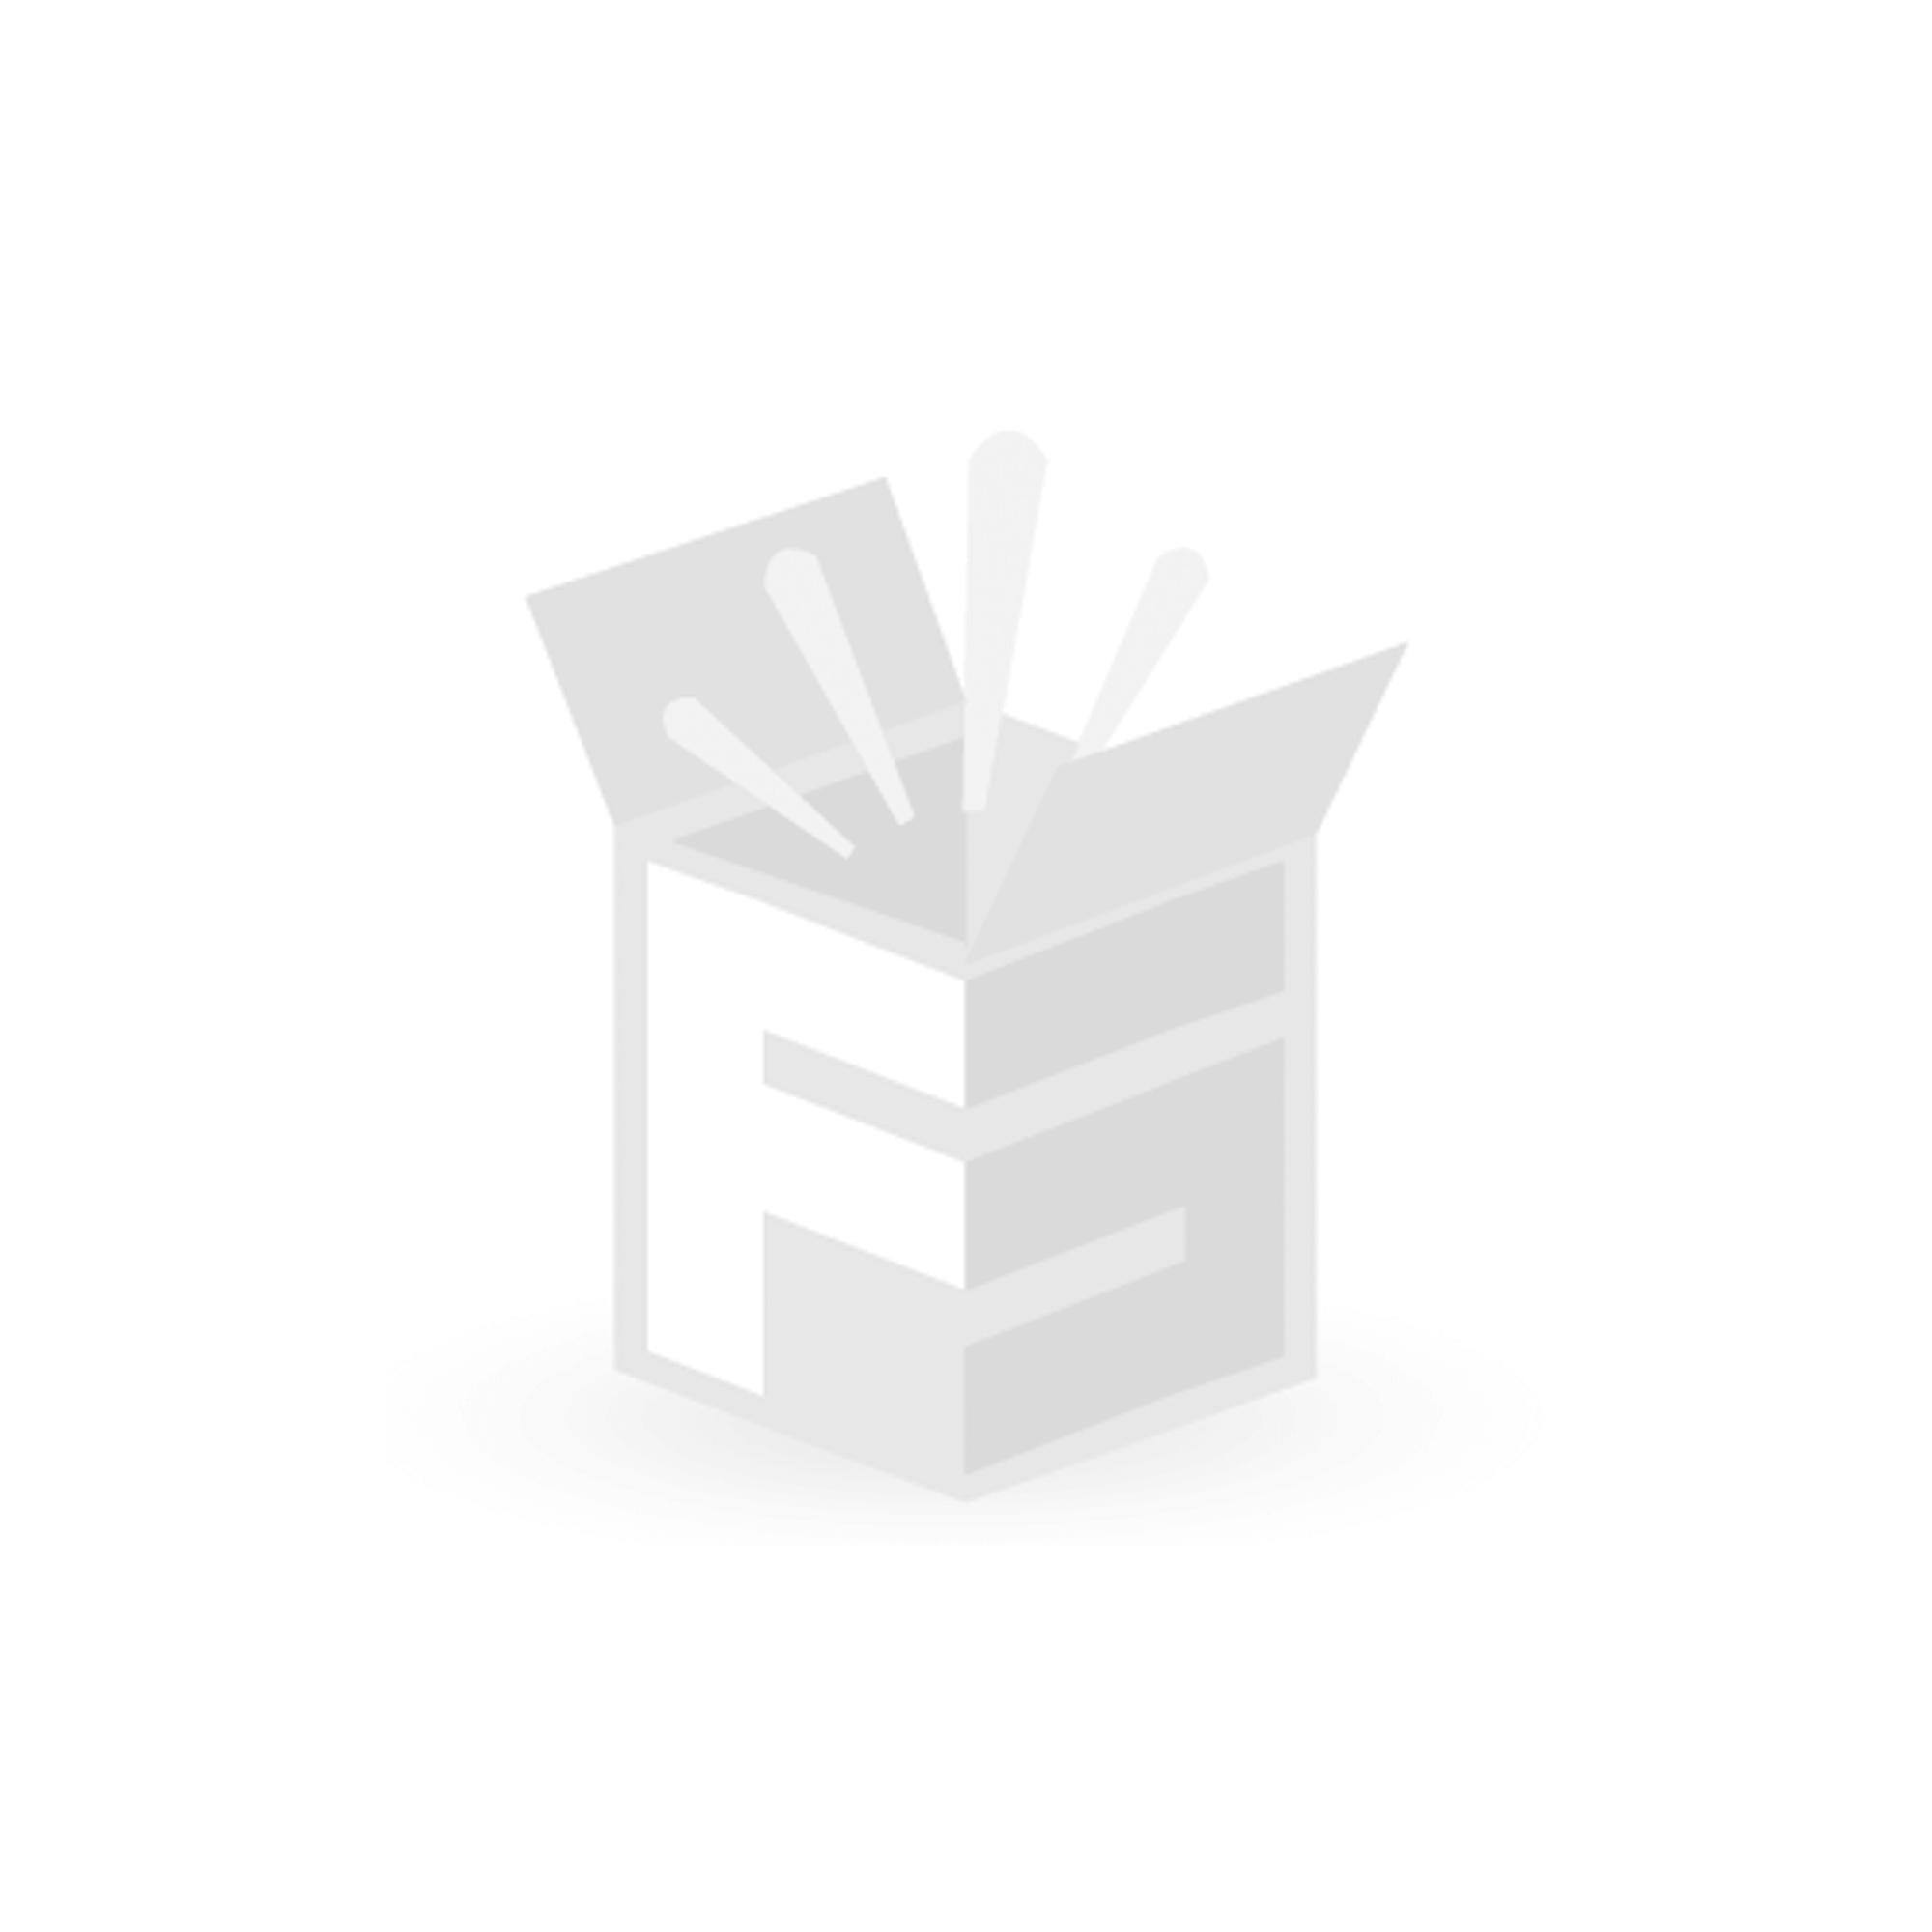 FS-STAR Koffer Trolley Set, 3-teilig, Polyester schwarz